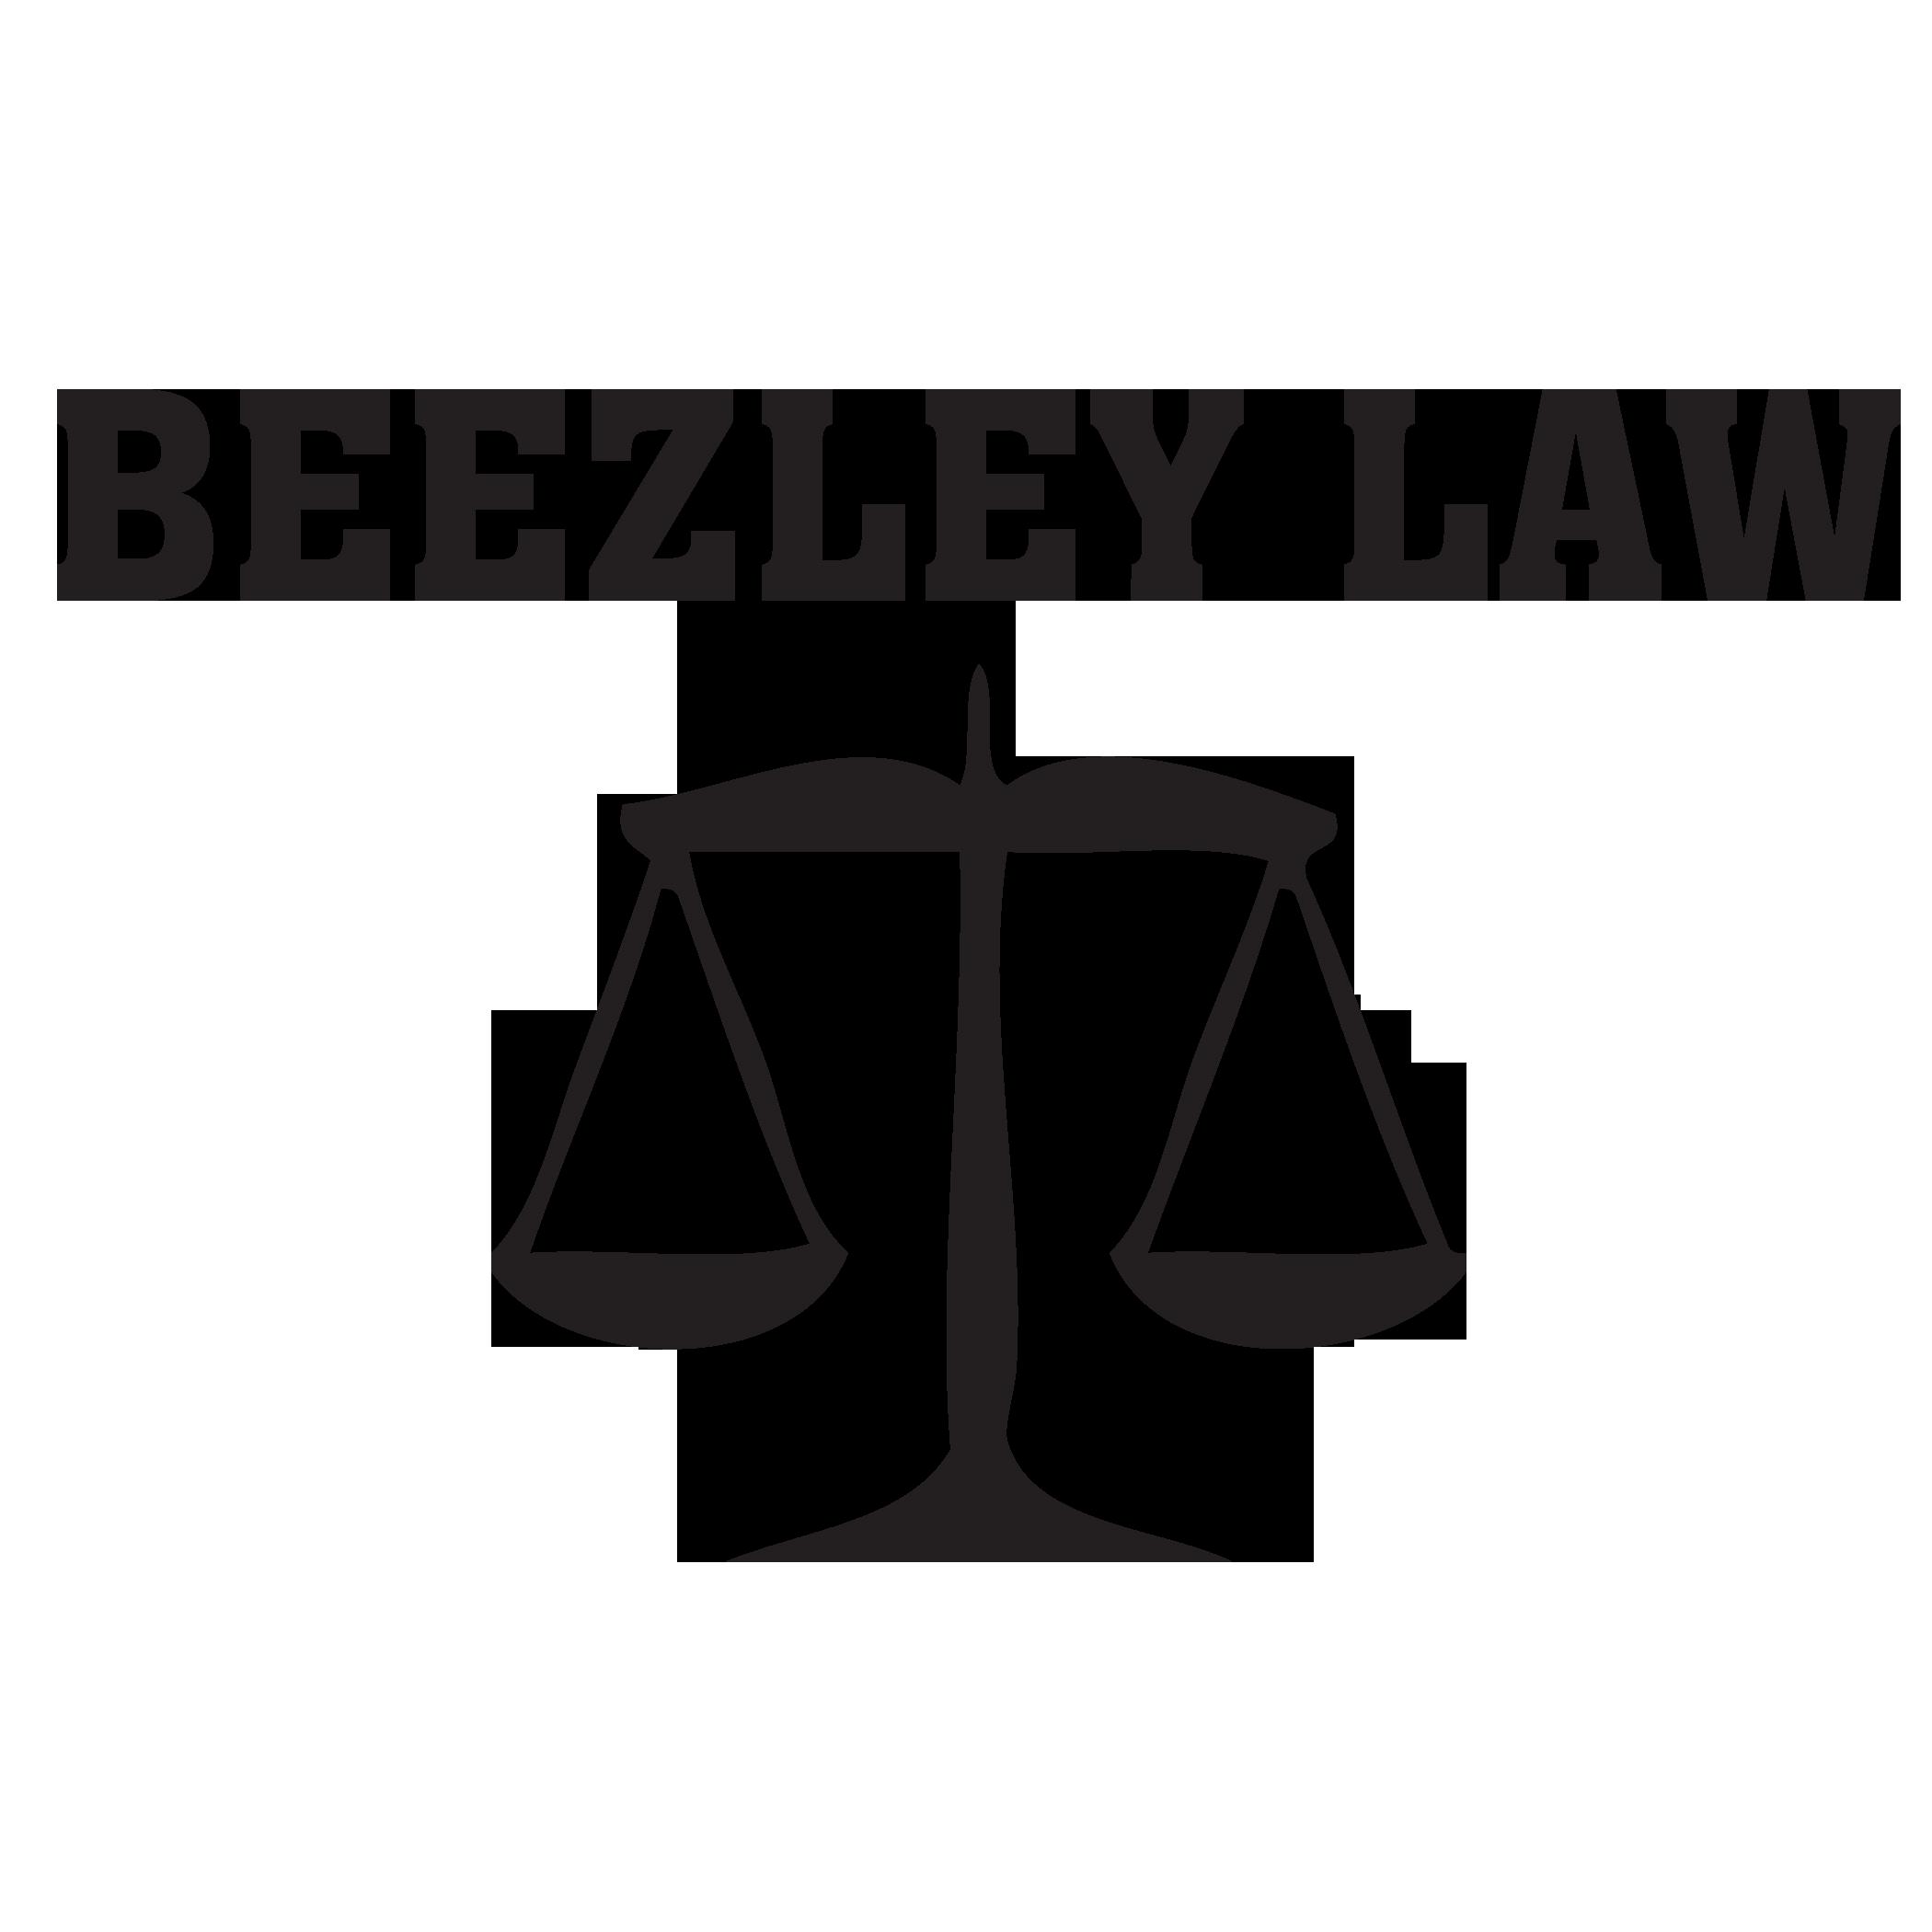 BEEZLEY.png